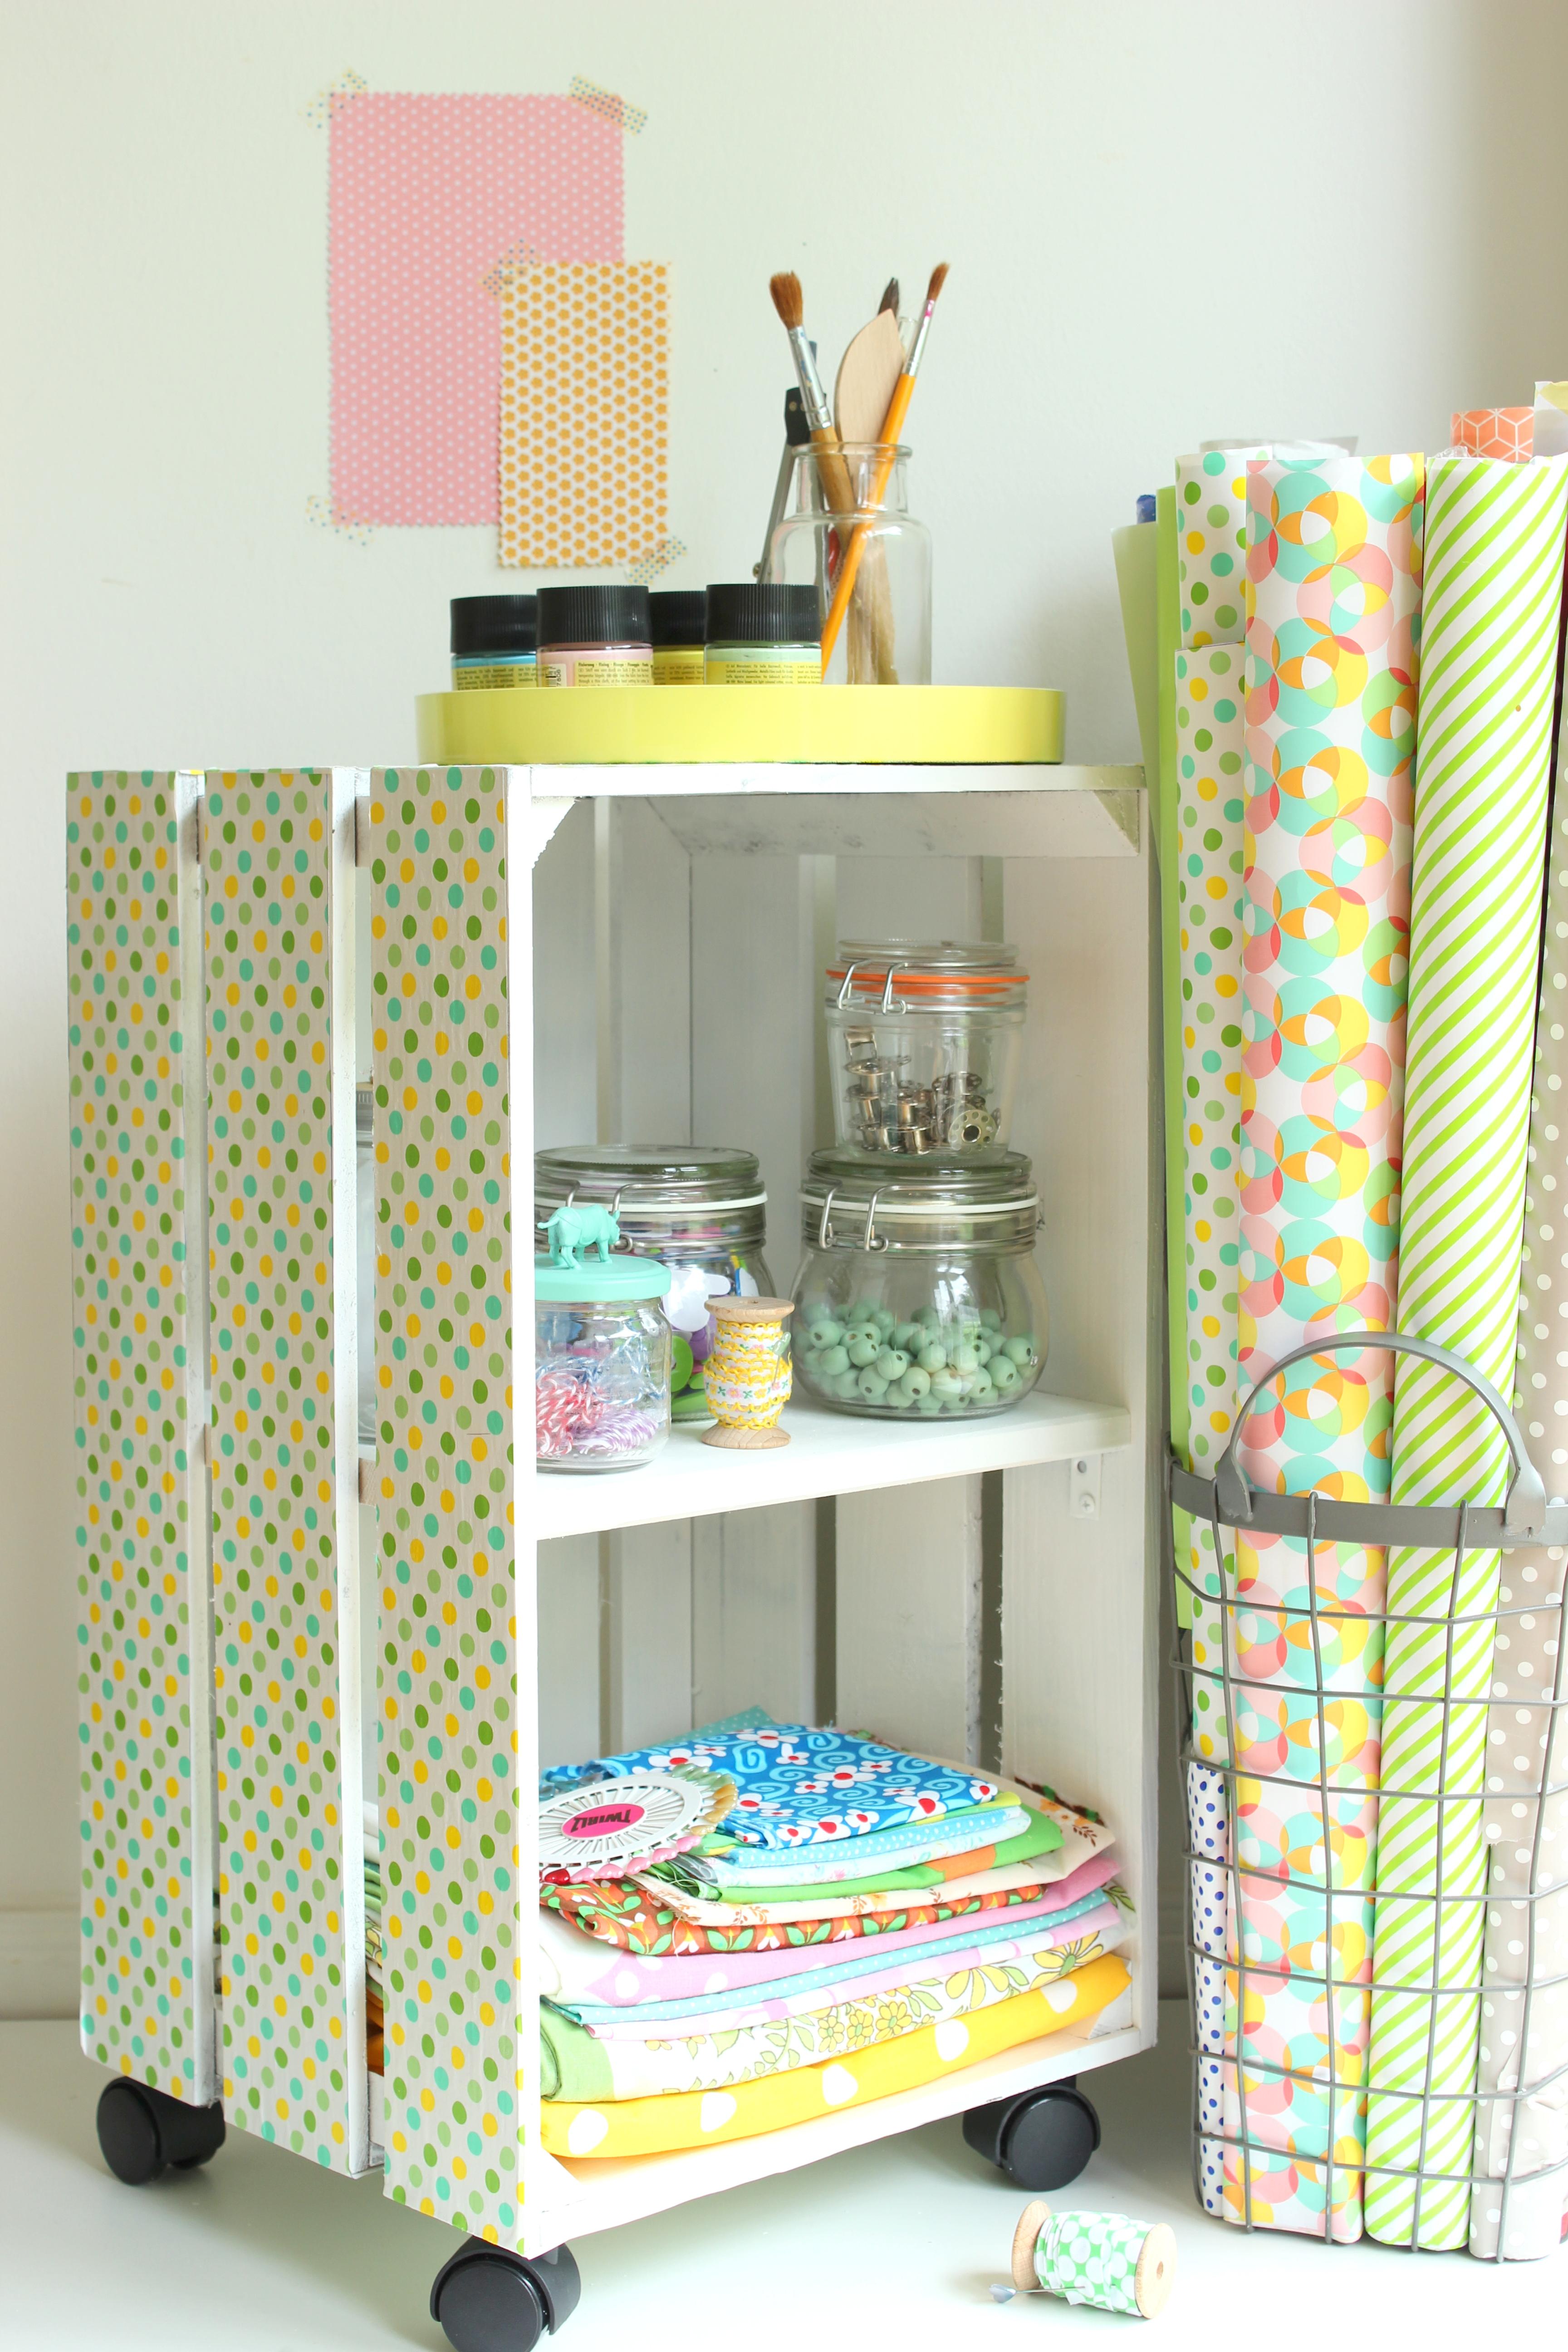 aus einer holzkiste wird ein regal sch n bei dir by depot. Black Bedroom Furniture Sets. Home Design Ideas